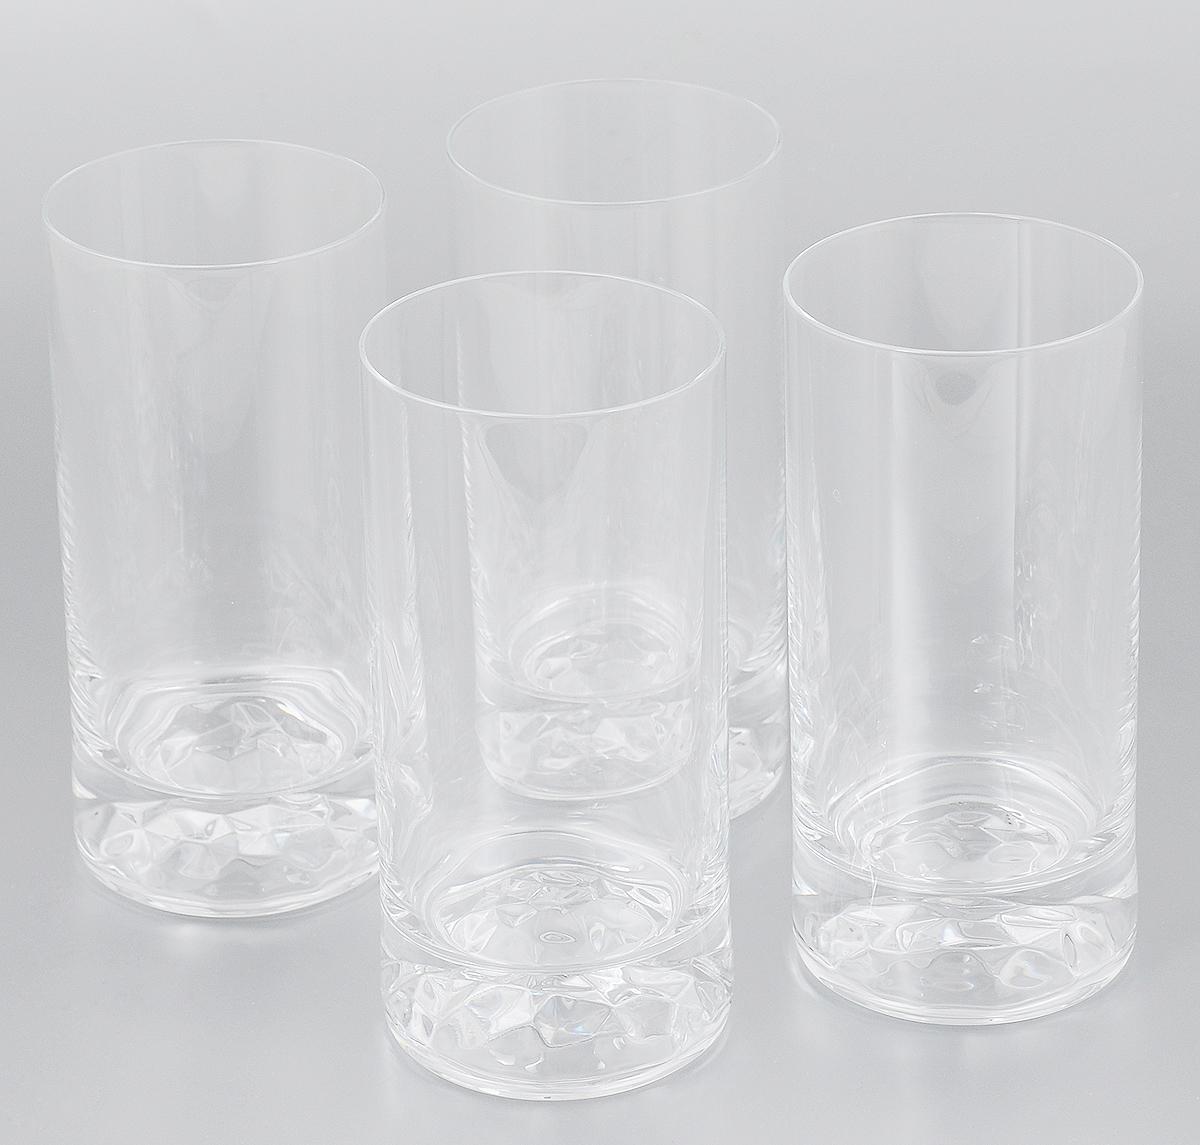 Набор стаканов Pasabahce Club, 420 мл, 4 шт64042NНабор Pasabahce Club состоит из 4 высоких стаканов, выполненных из бессвинцового стекла. Стильный лаконичный дизайн, роскошный внешний вид и несравненное качество сделают их великолепным украшением стола. Подходят для мытья в посудомоечной машине. Диаметр (по верхнему краю): 7 см. Высота стакана: 15 см.